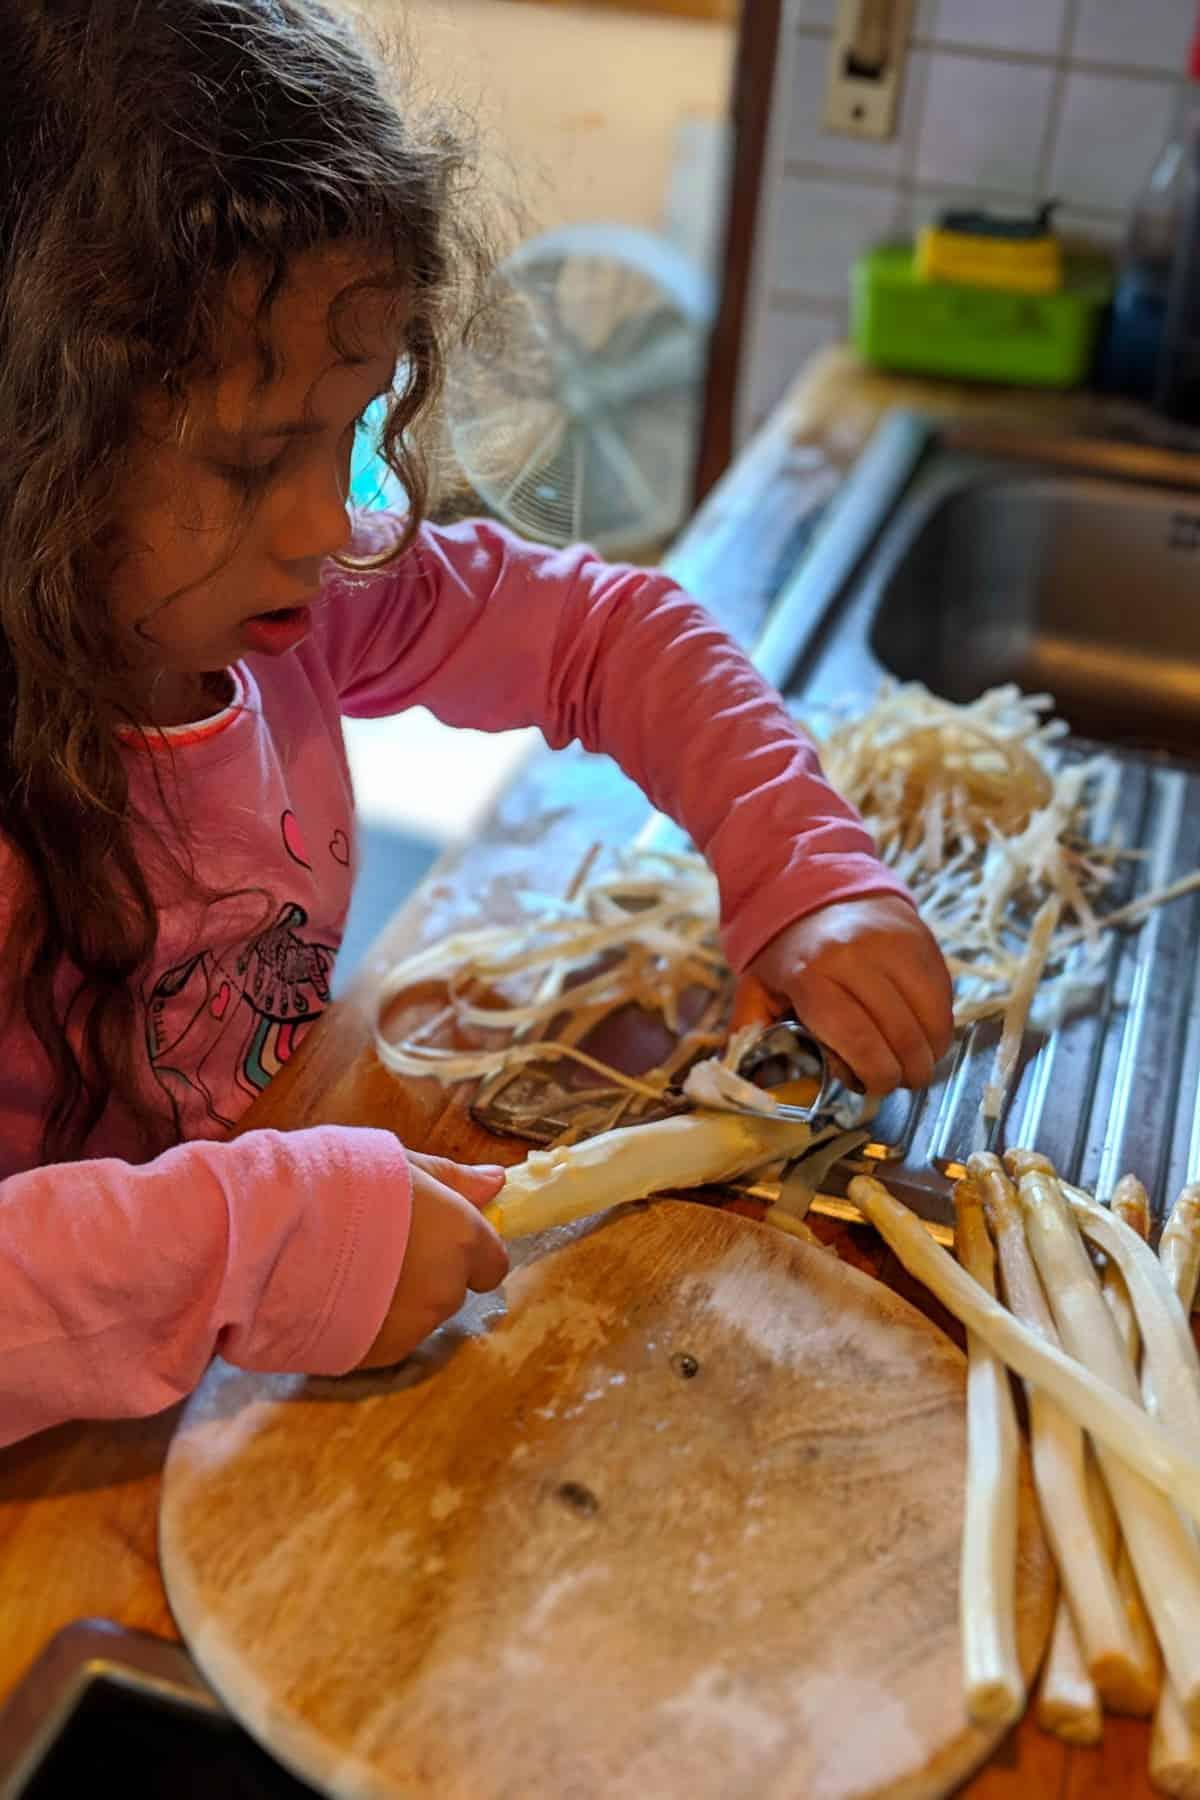 Ein Kind schält Spargel in der Küche.